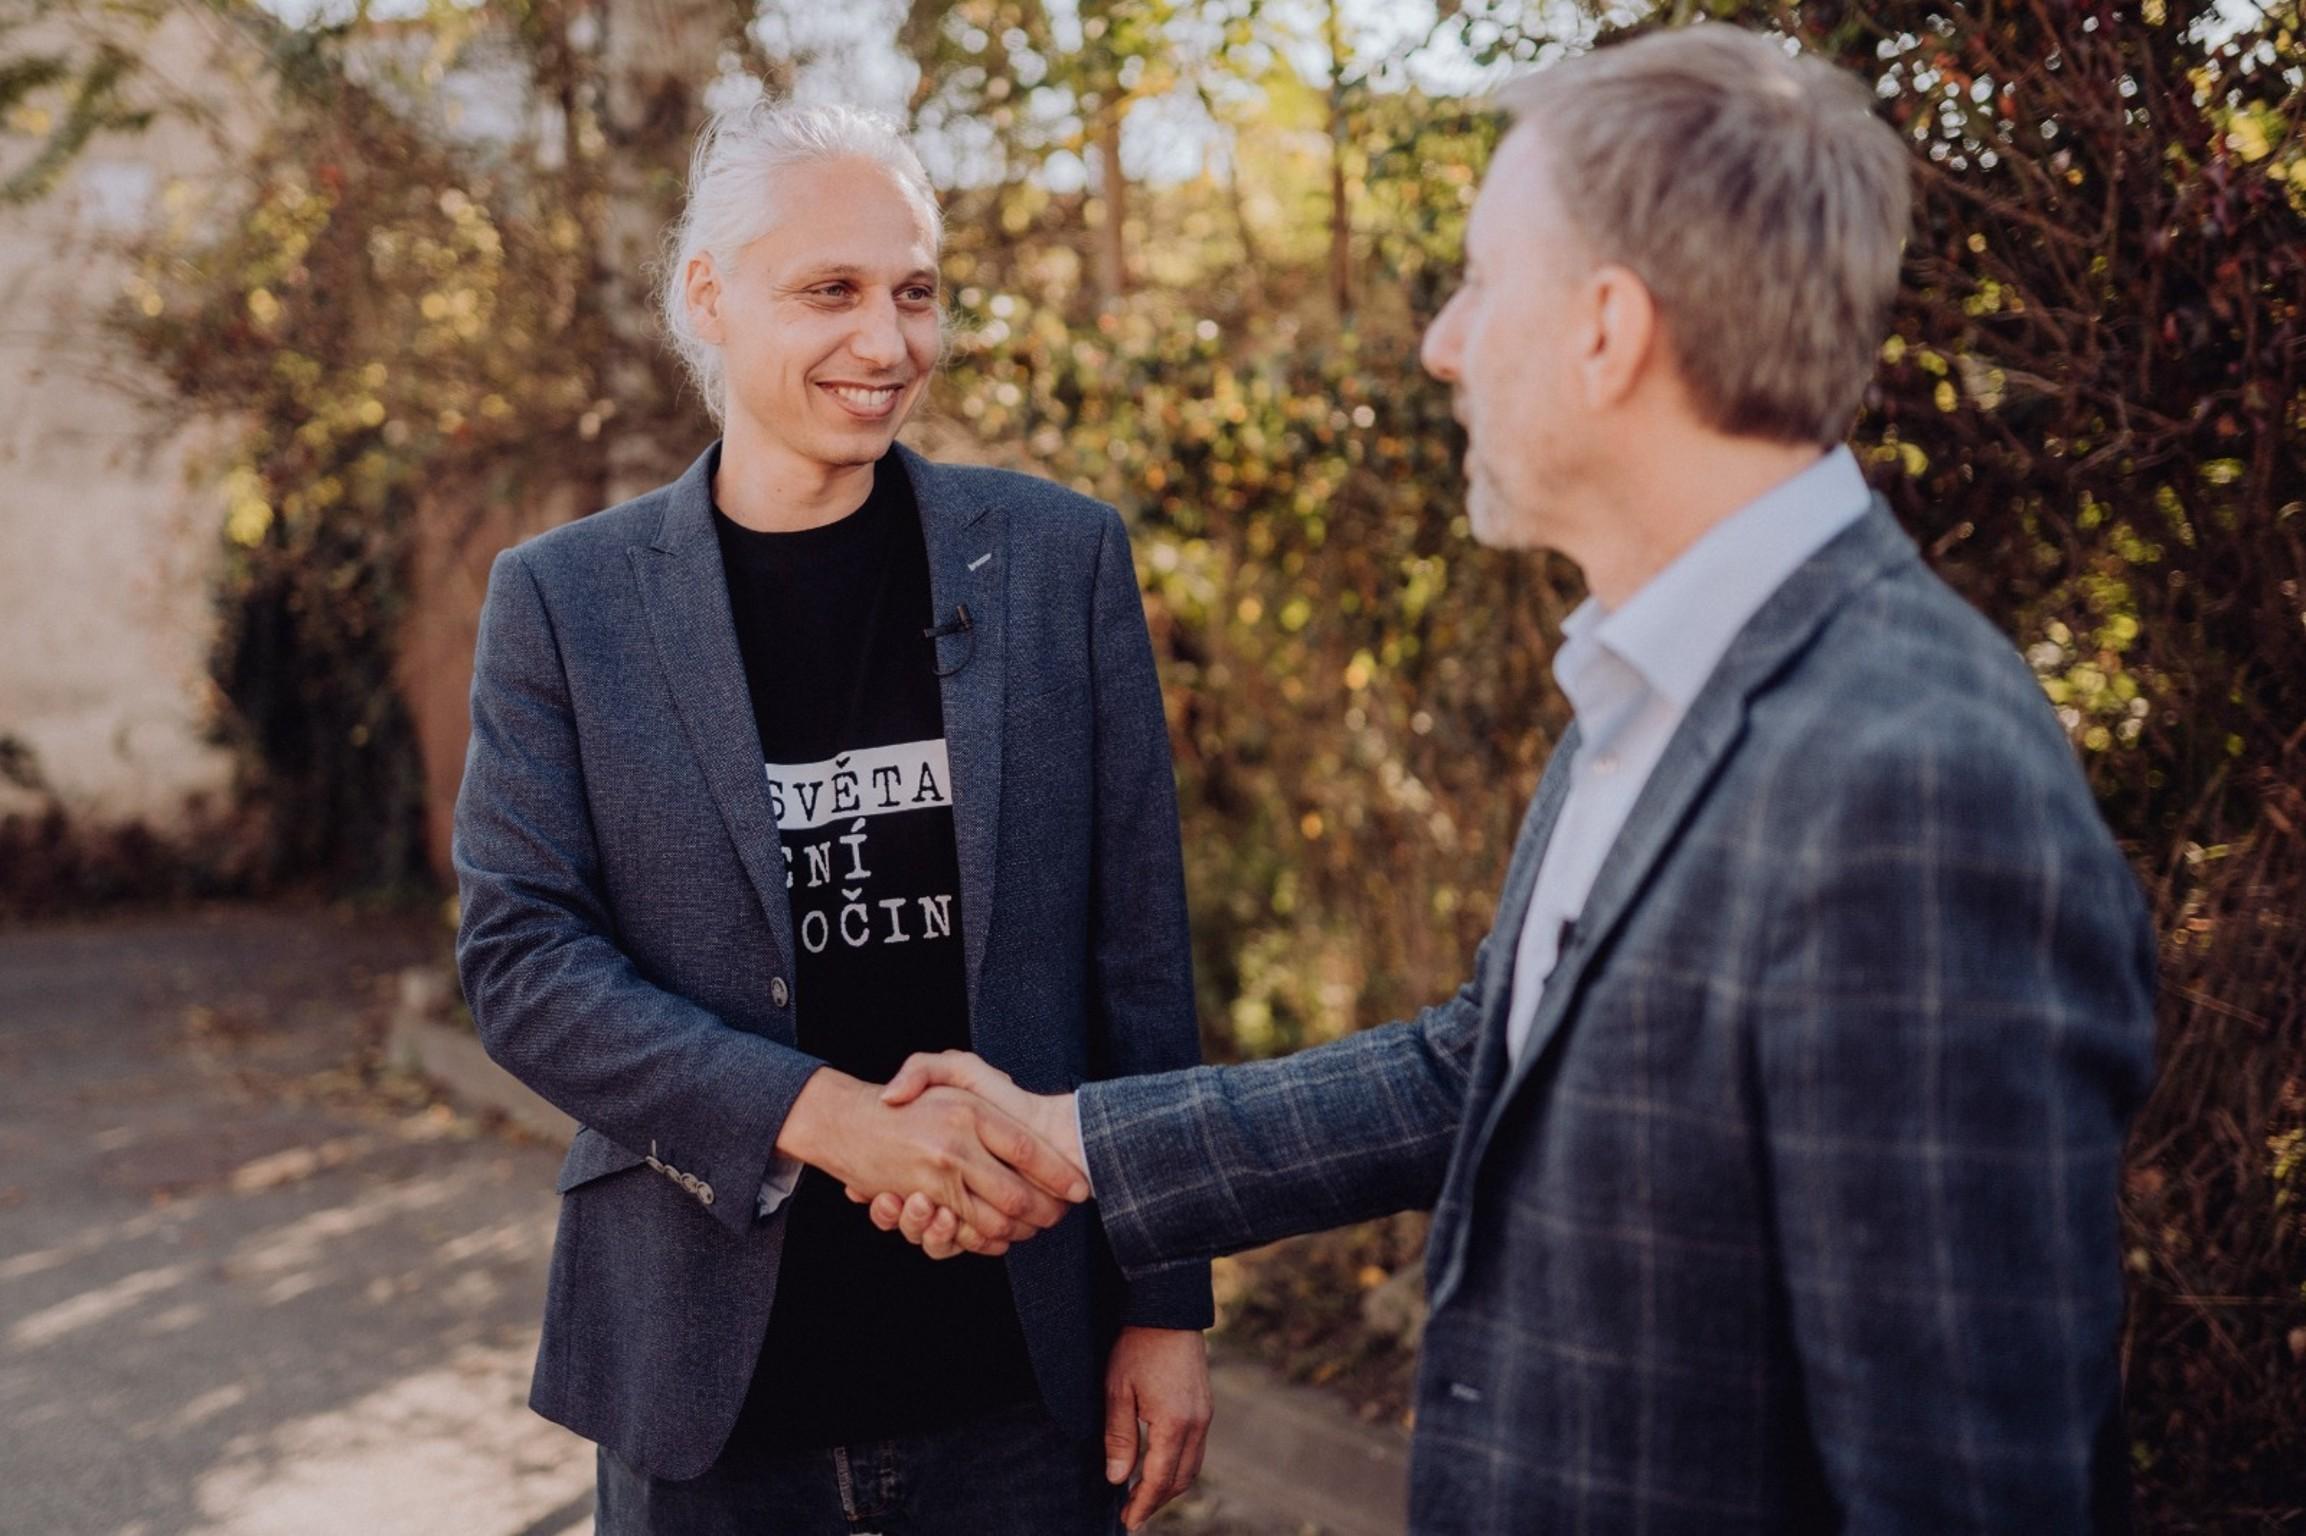 Podporu Veverkovi přijel osobně vyjádřit i Jindřich Vobořil. Zdroj: Archiv Jindřicha Vobořila